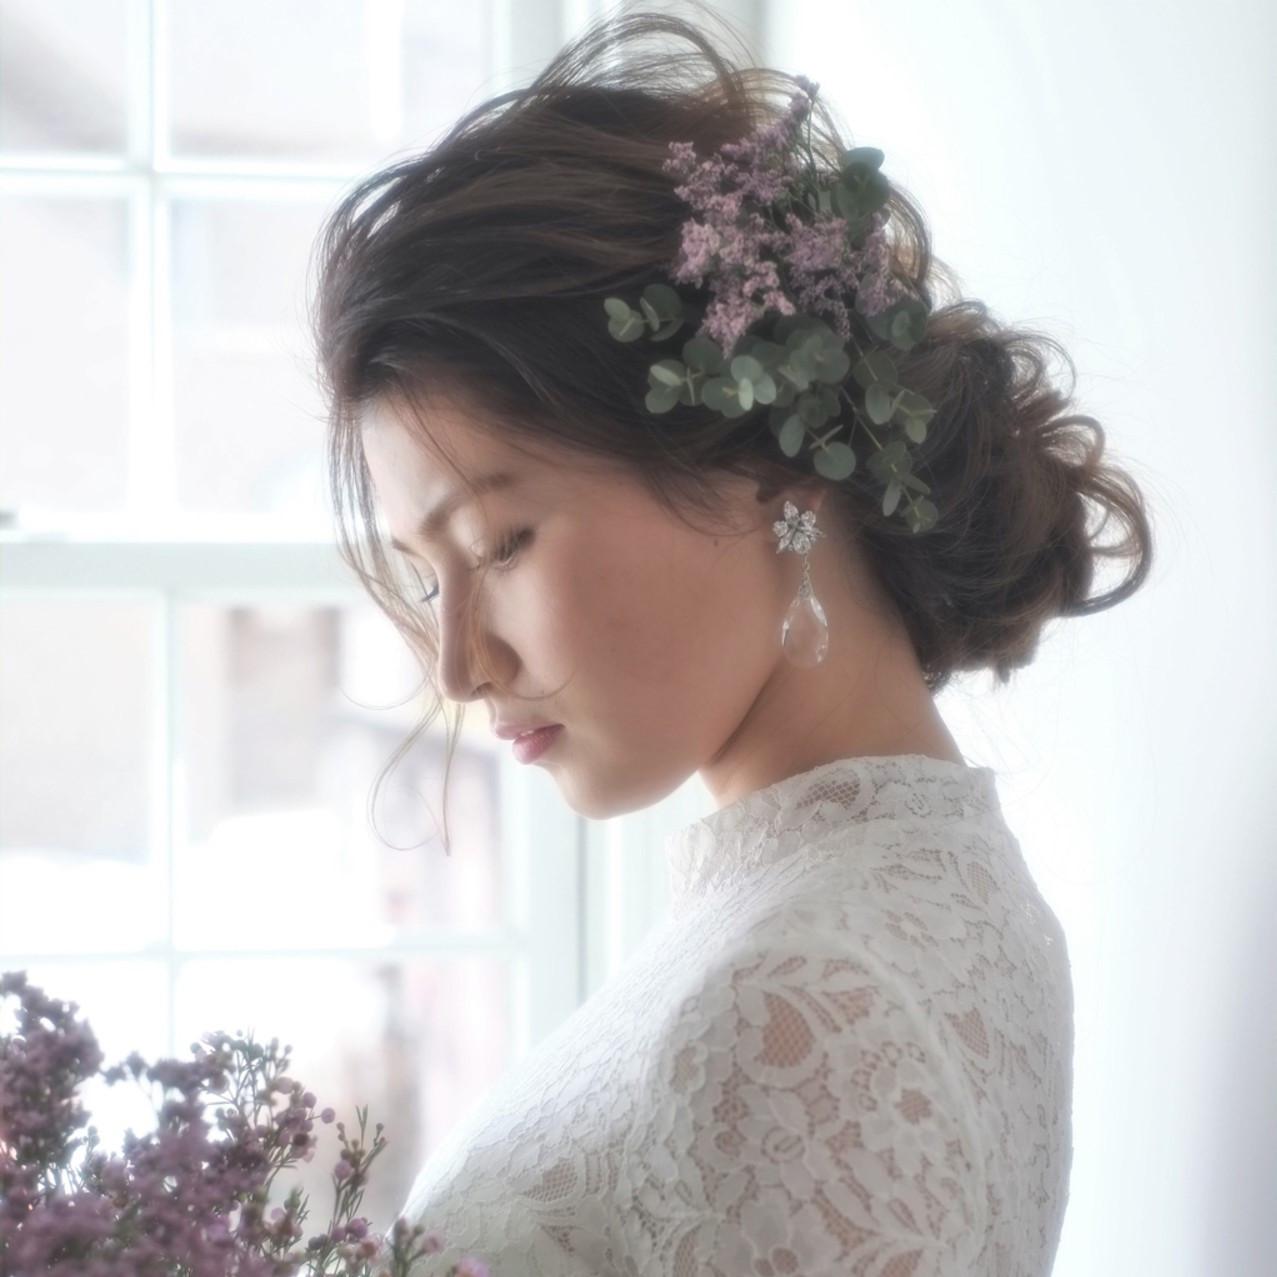 ドレスチェンジを華やかに♡花嫁ヘアは衣装に合わせたヘアスタイルで